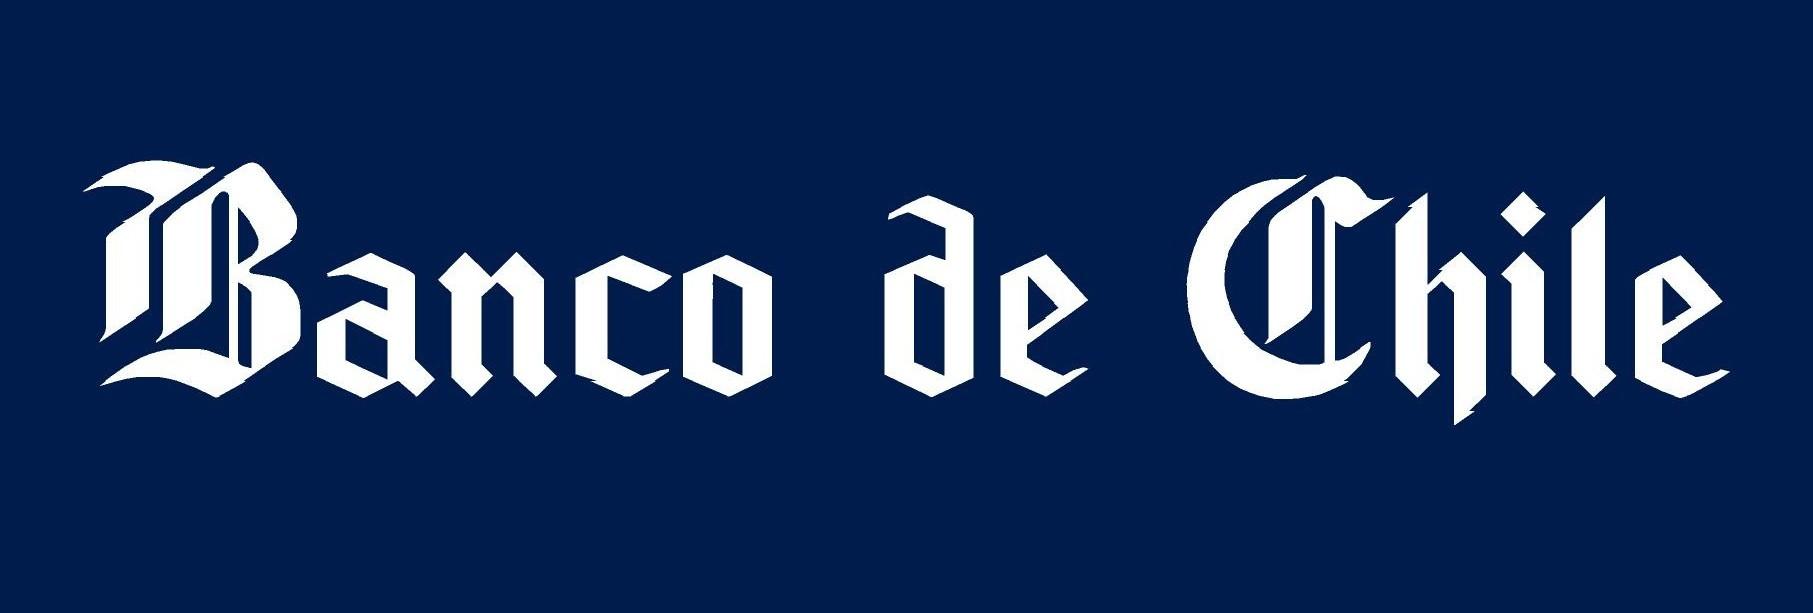 ¿Cuáles son los bancos más baratos para hacer transferencias a Estados Unidos? Banco de Chile